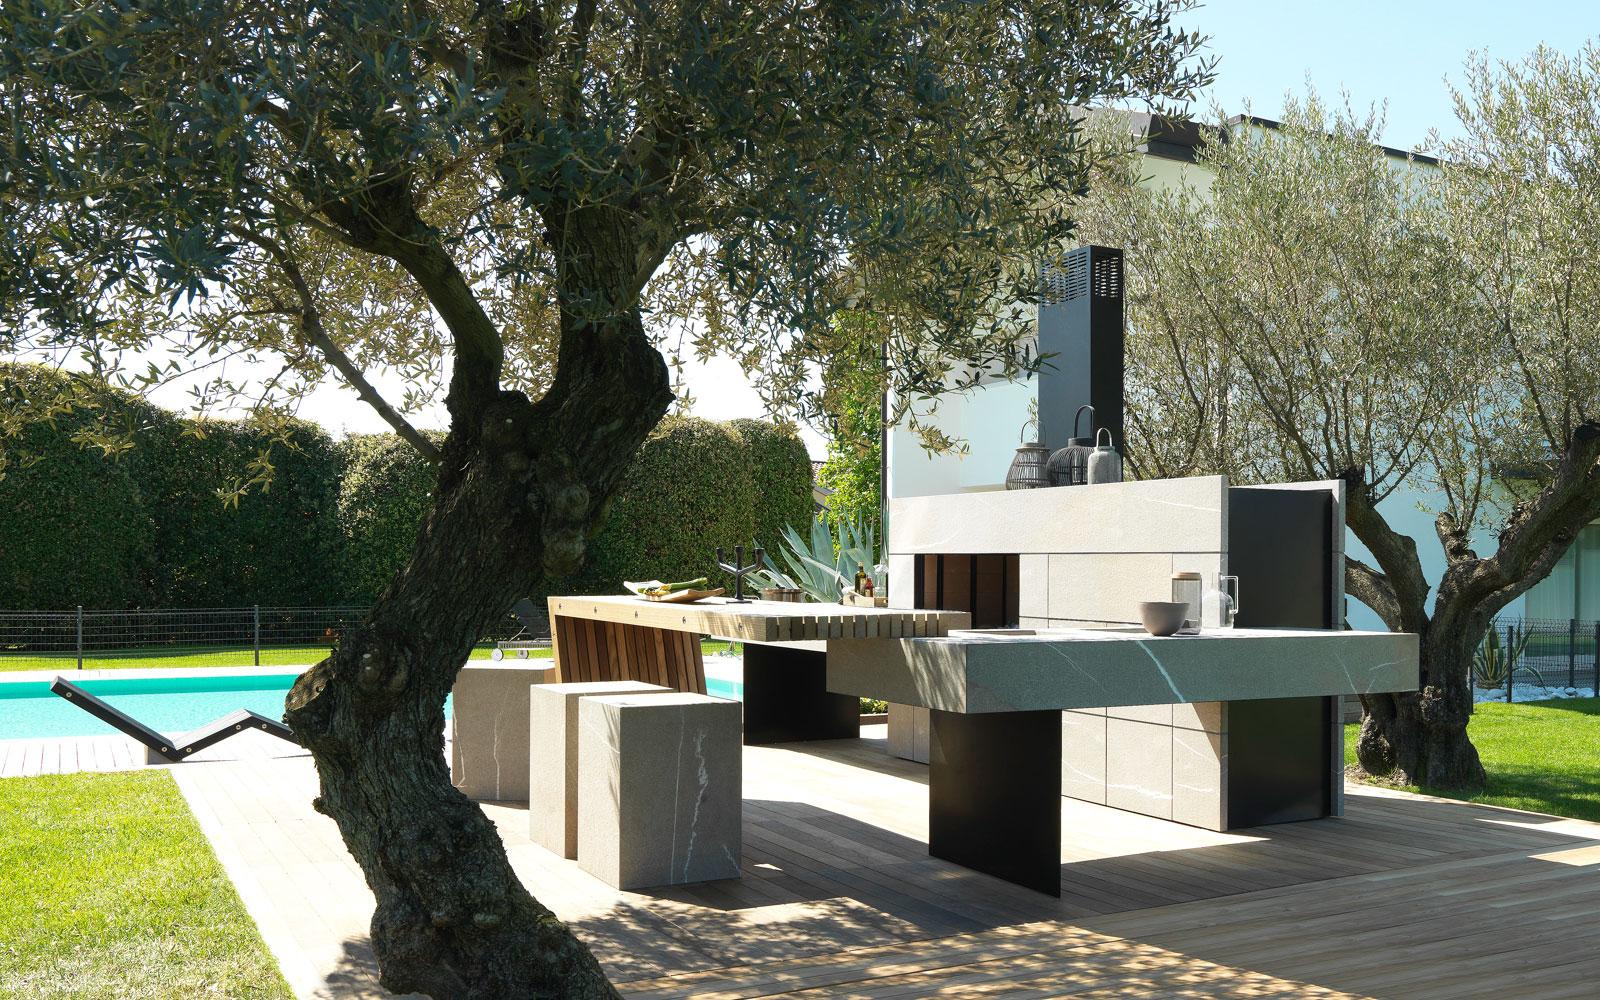 Prachtige Italiaanse buitenkeuken van steen met een houten tafel. Met houtoven, kookmodules, grill, koelkast en koffiezetapparaat. Modulnova #buitenkeuken #tuin #design